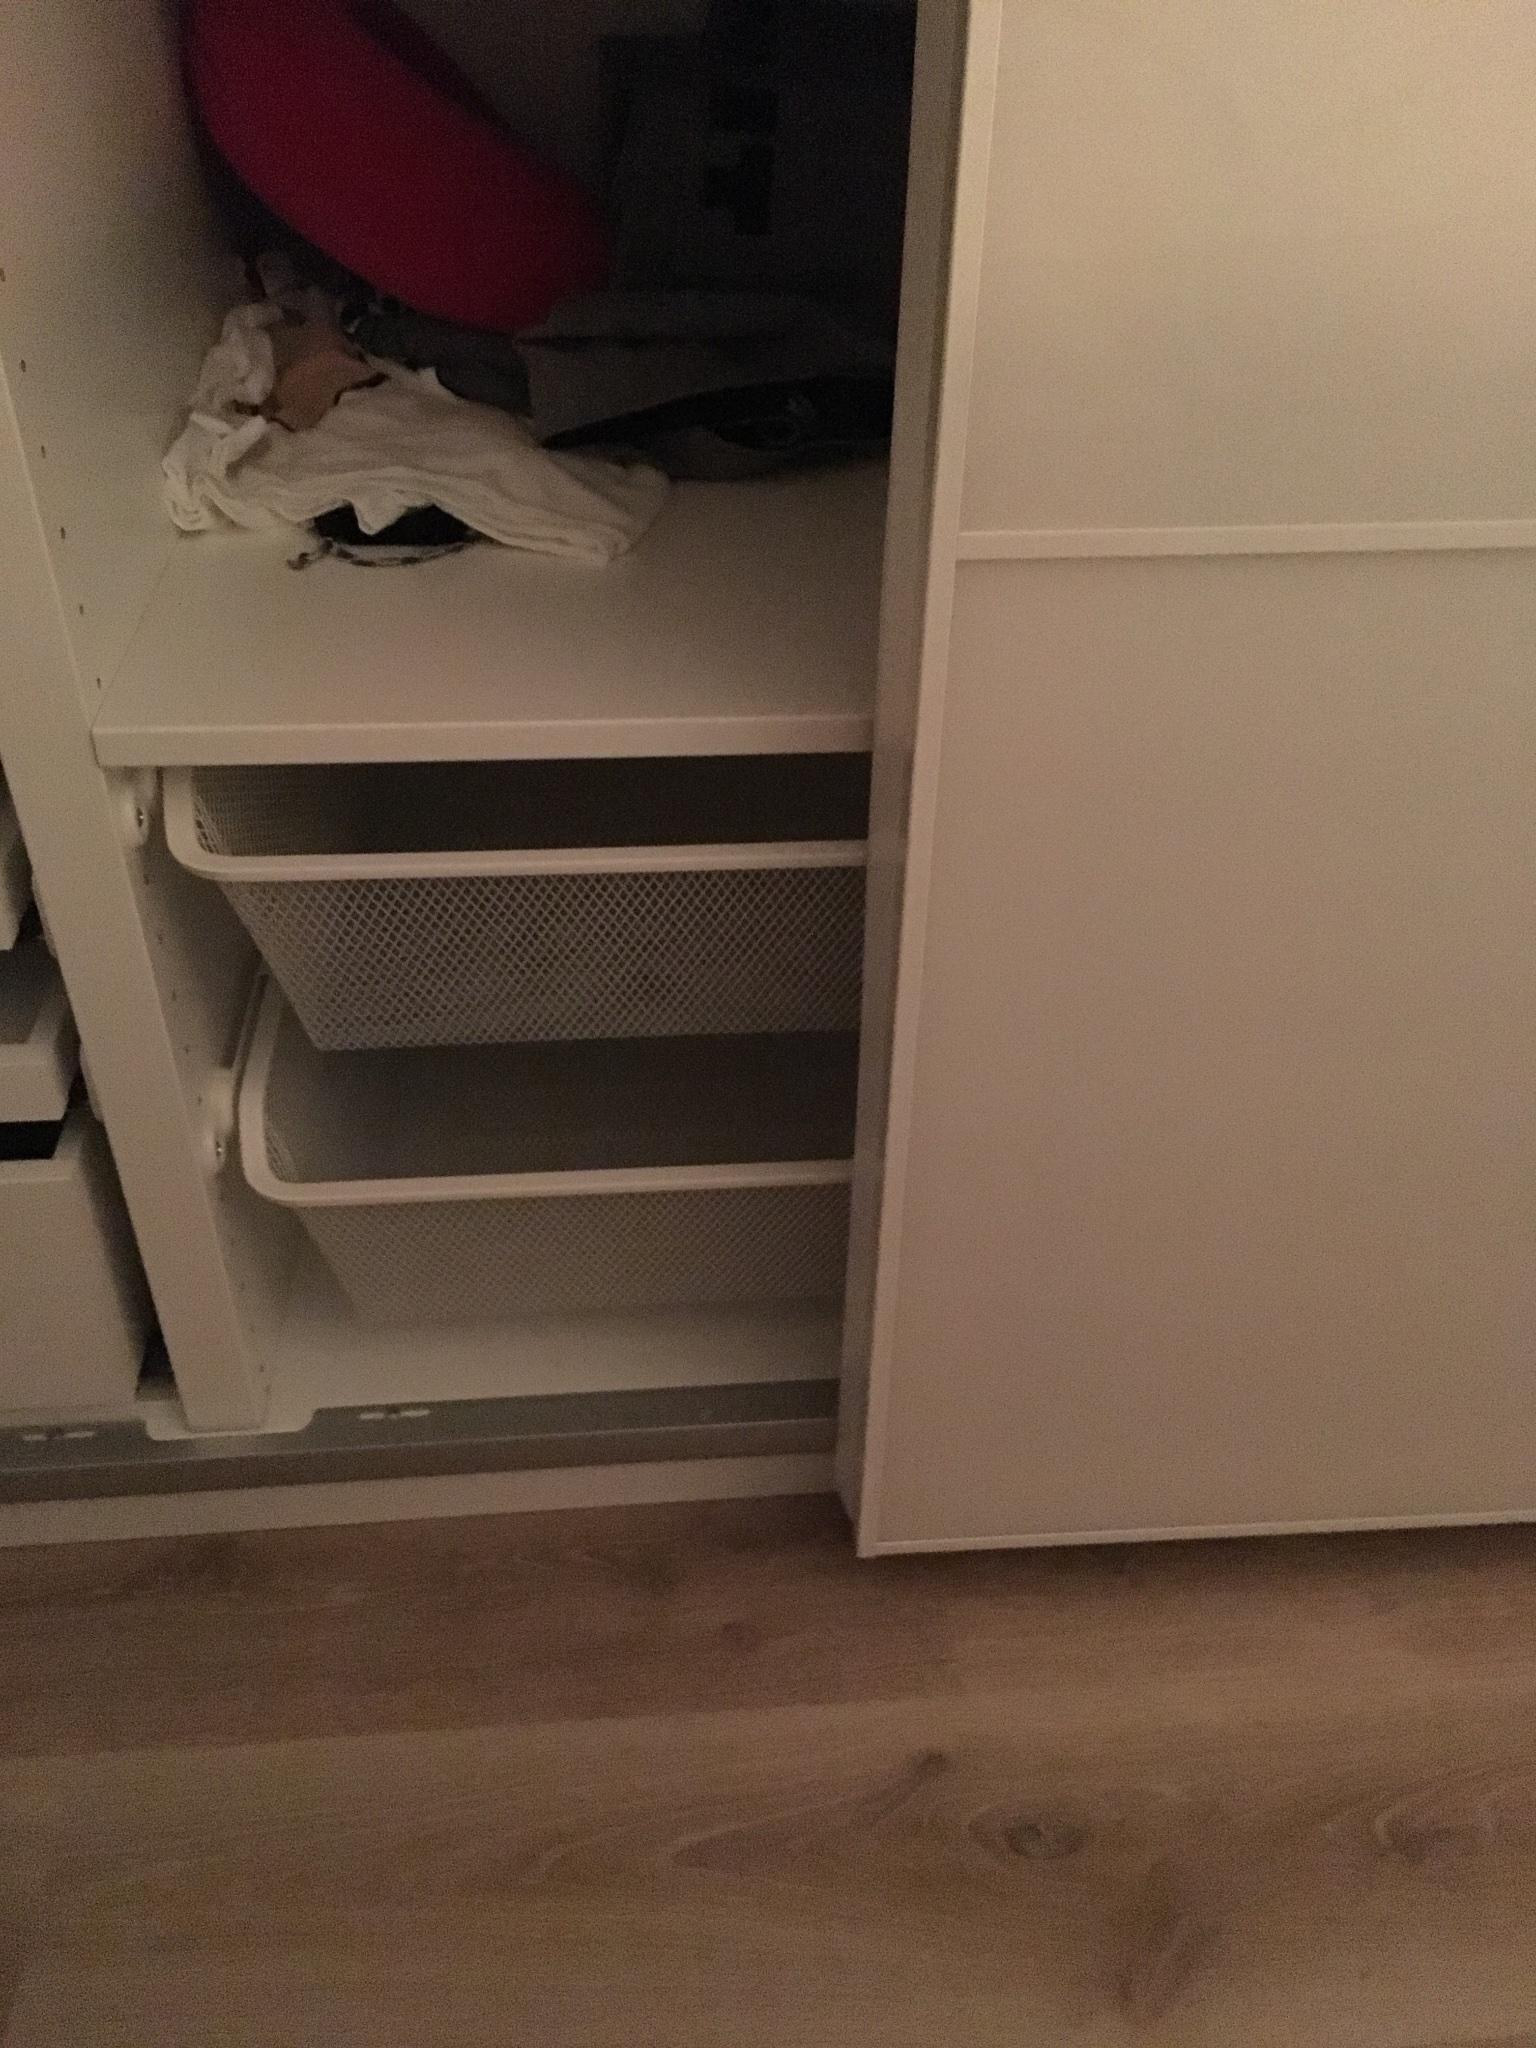 Schuifdeuren Ikea Pax Kast Opnieuw Plaatsen Werkspot